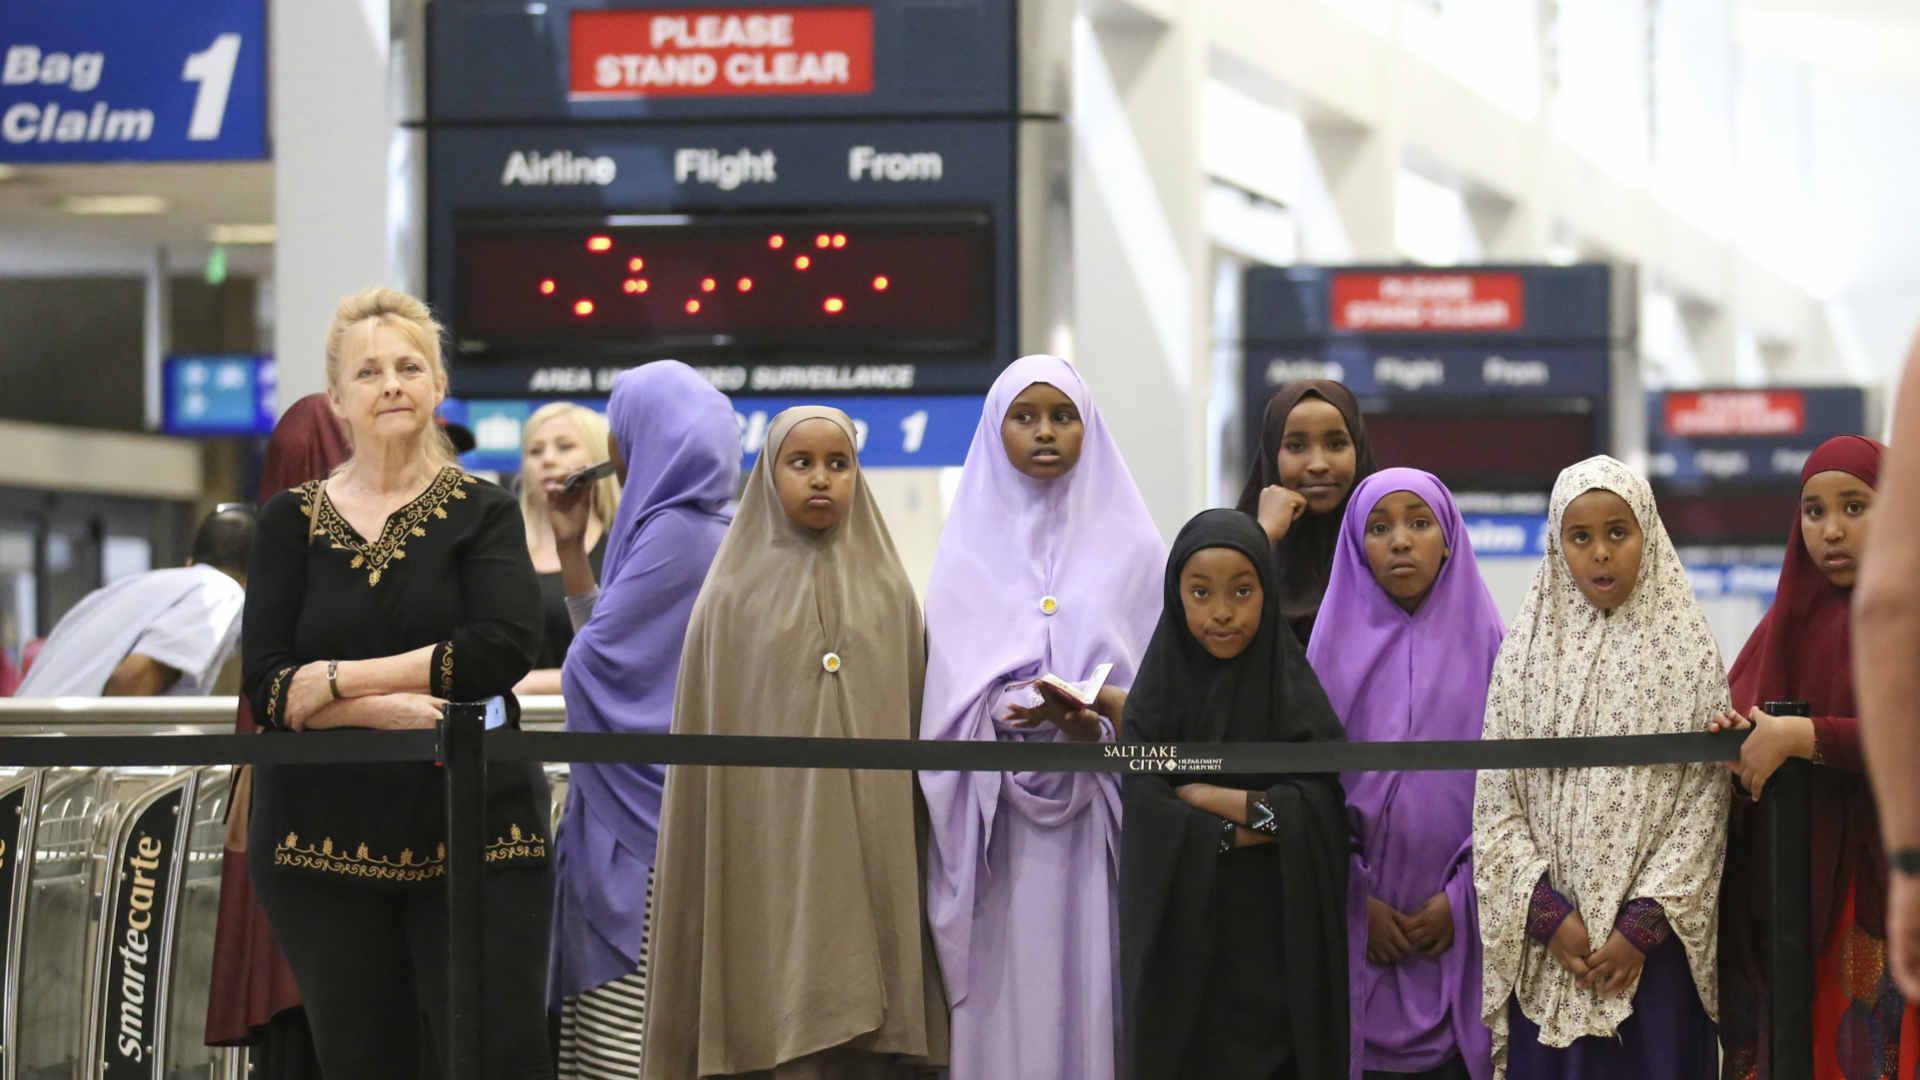 מוסלמים בשדה תעופה בסולט לייק סיטי, ארצות הברית